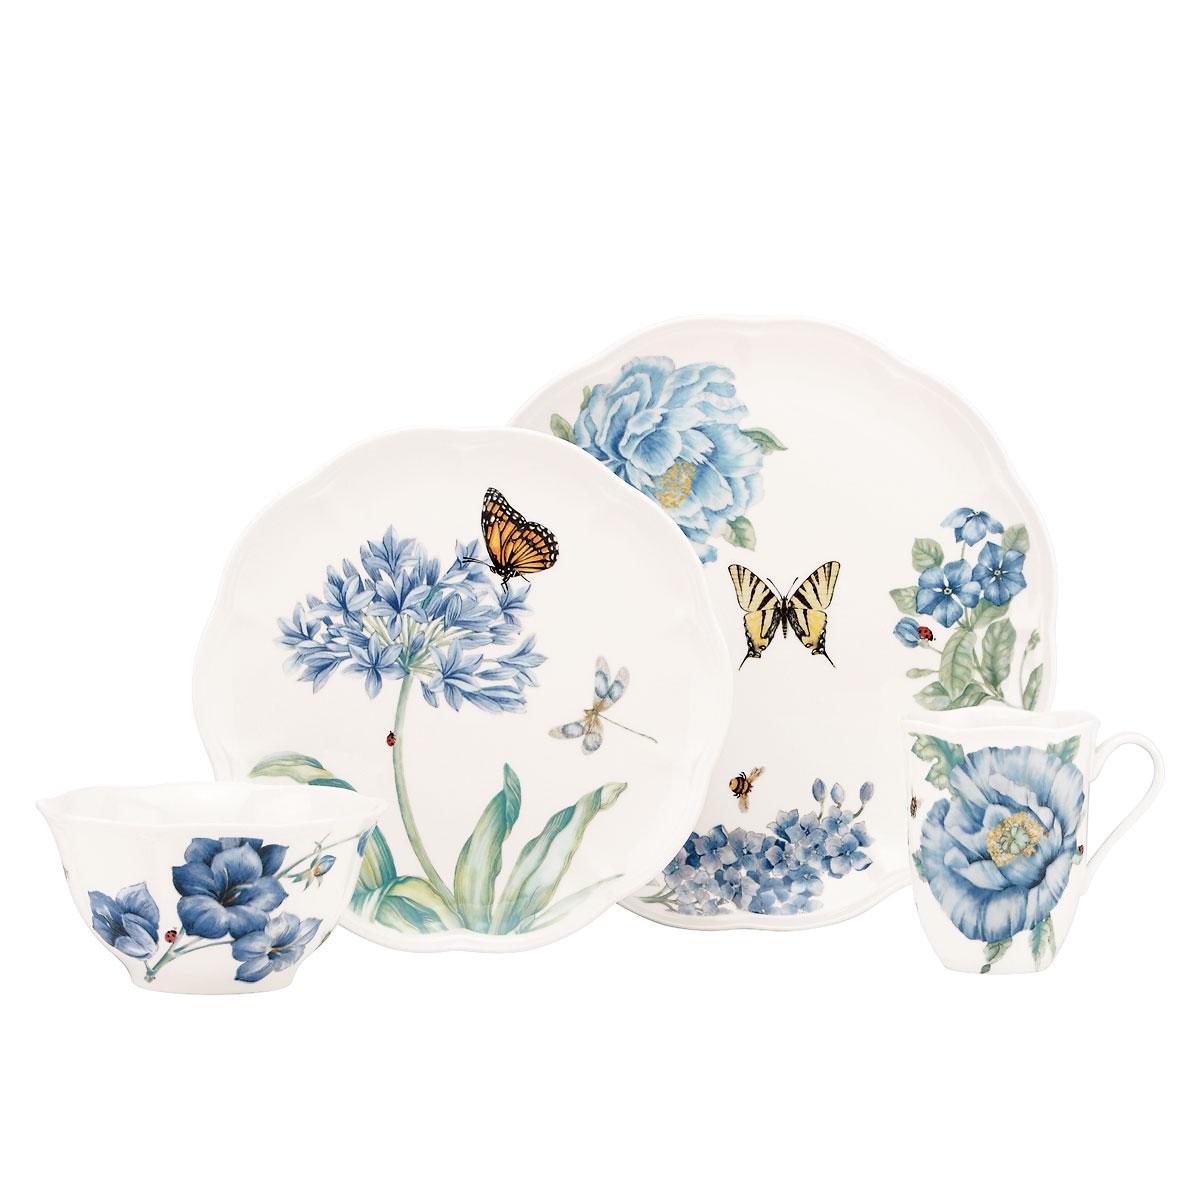 Lenox Butterfly Meadow Blue Dinnerware 4 Piece Place Setting